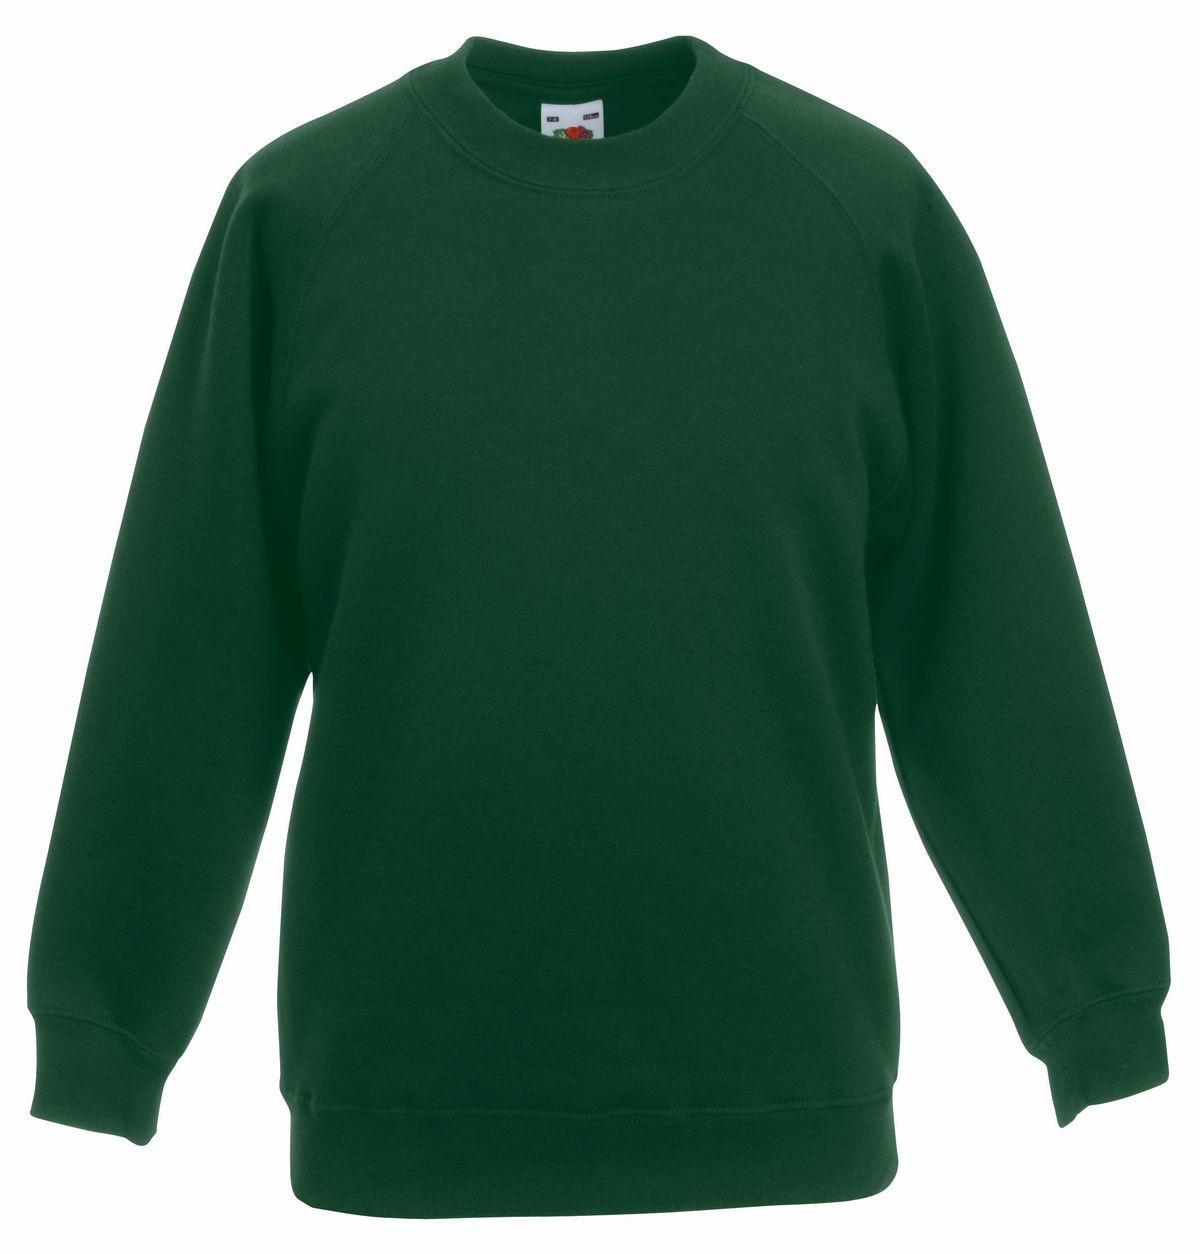 Толстовка детская Classic Kids Raglan Sweat, рост 116 (5-6лет), Тёмно-зелёный (бутылочный)